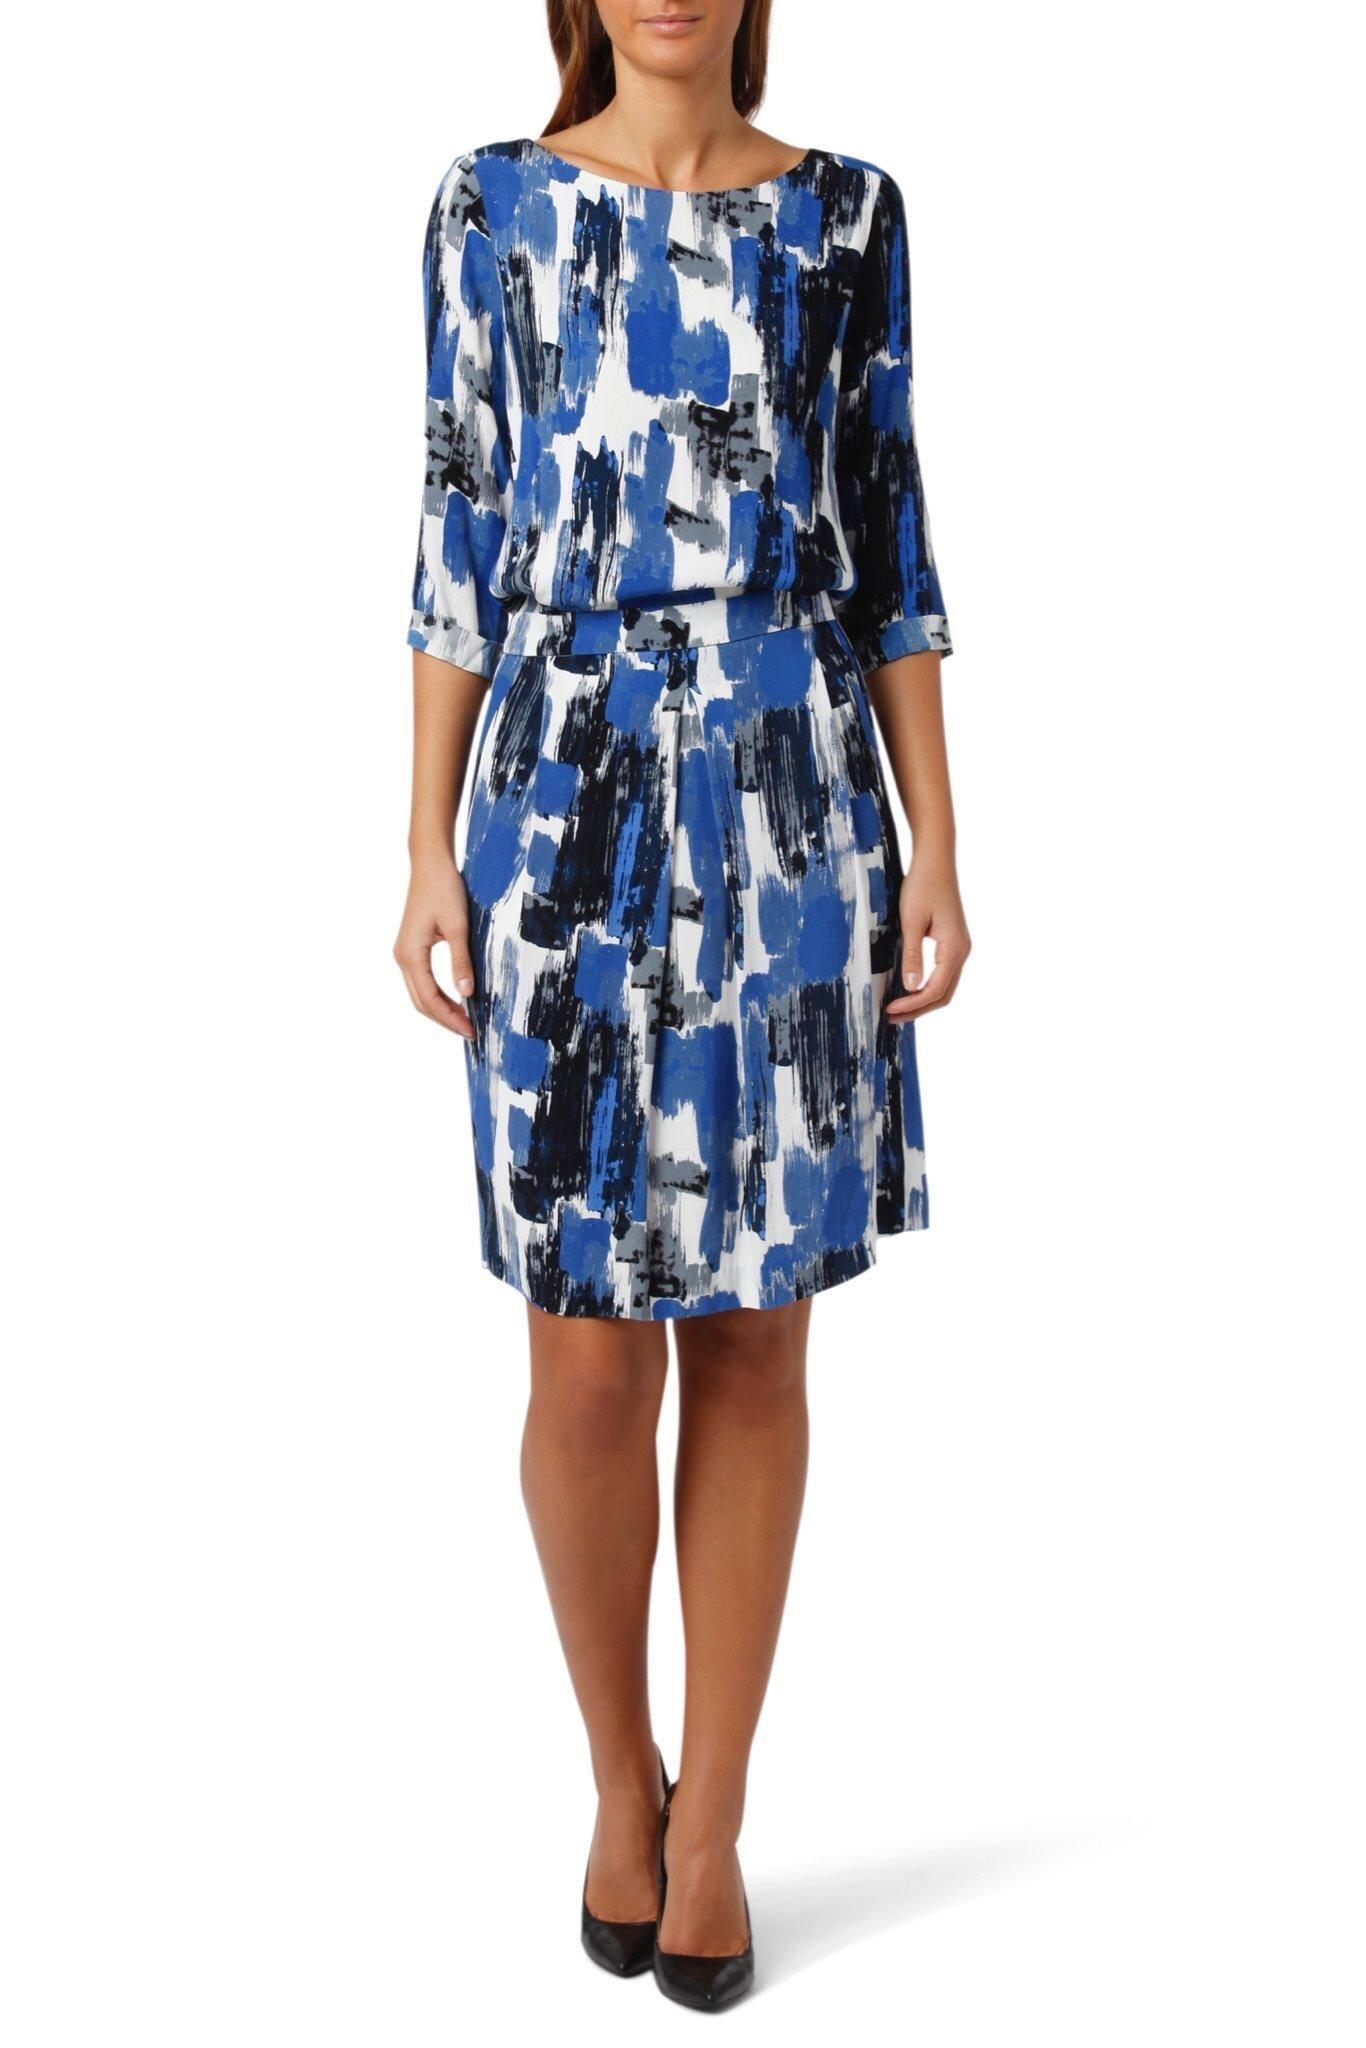 Klänning Inwear 38 (419036627) ᐈ Köp på Tradera